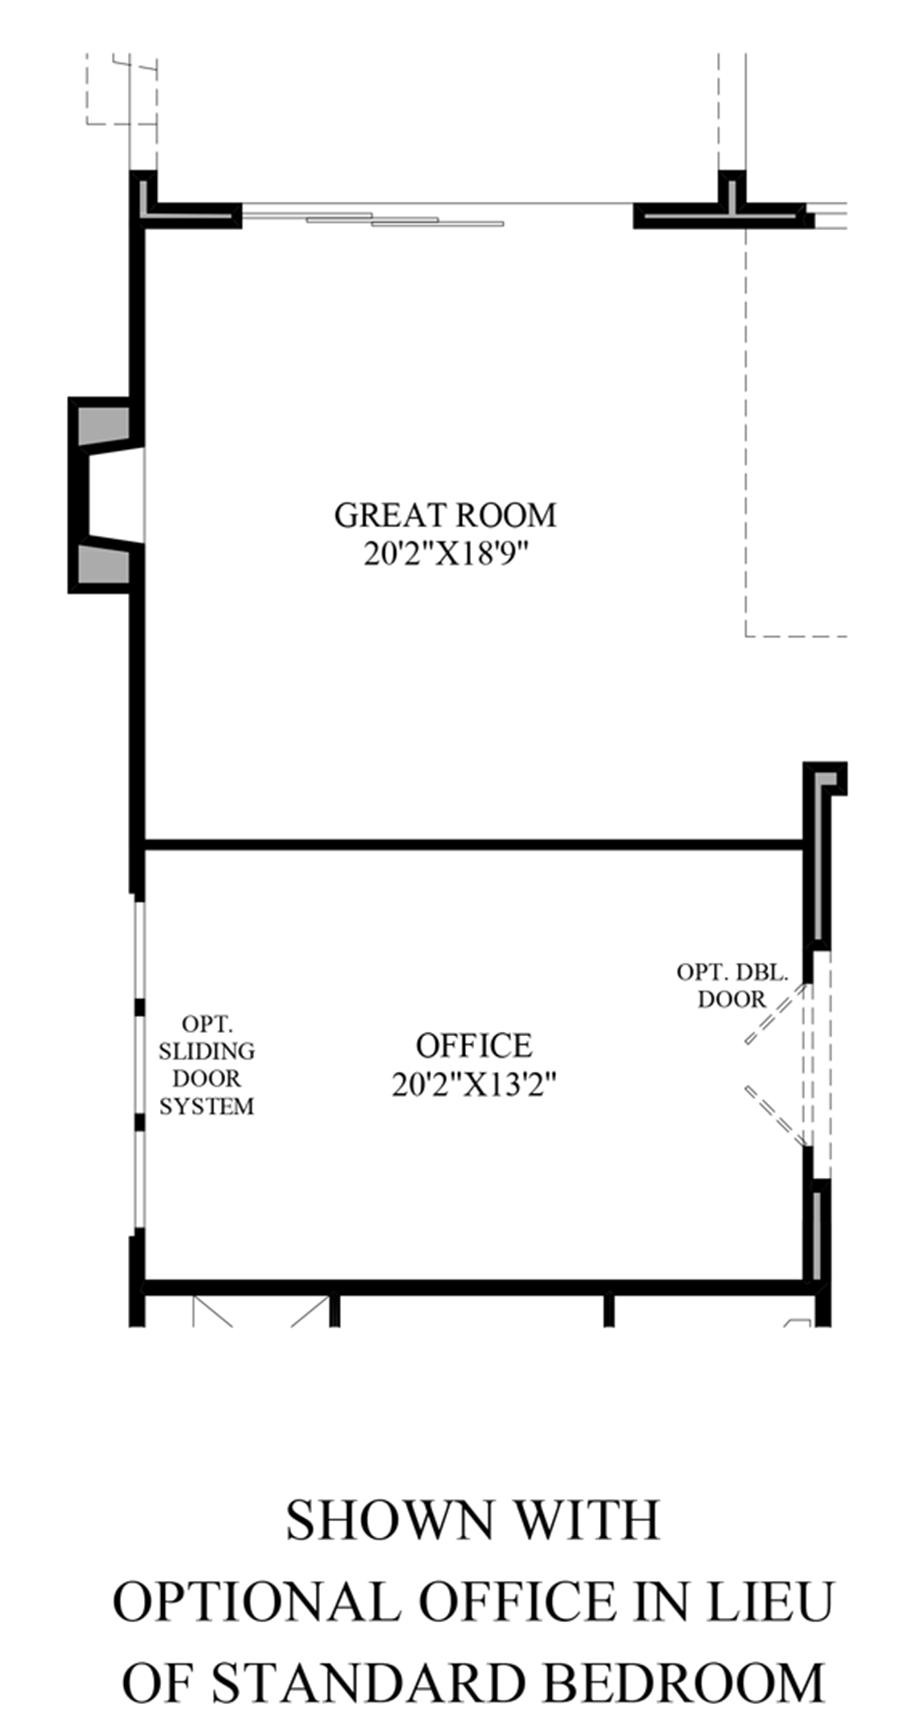 Optional Office ILO Standard Bedroom Floor Plan